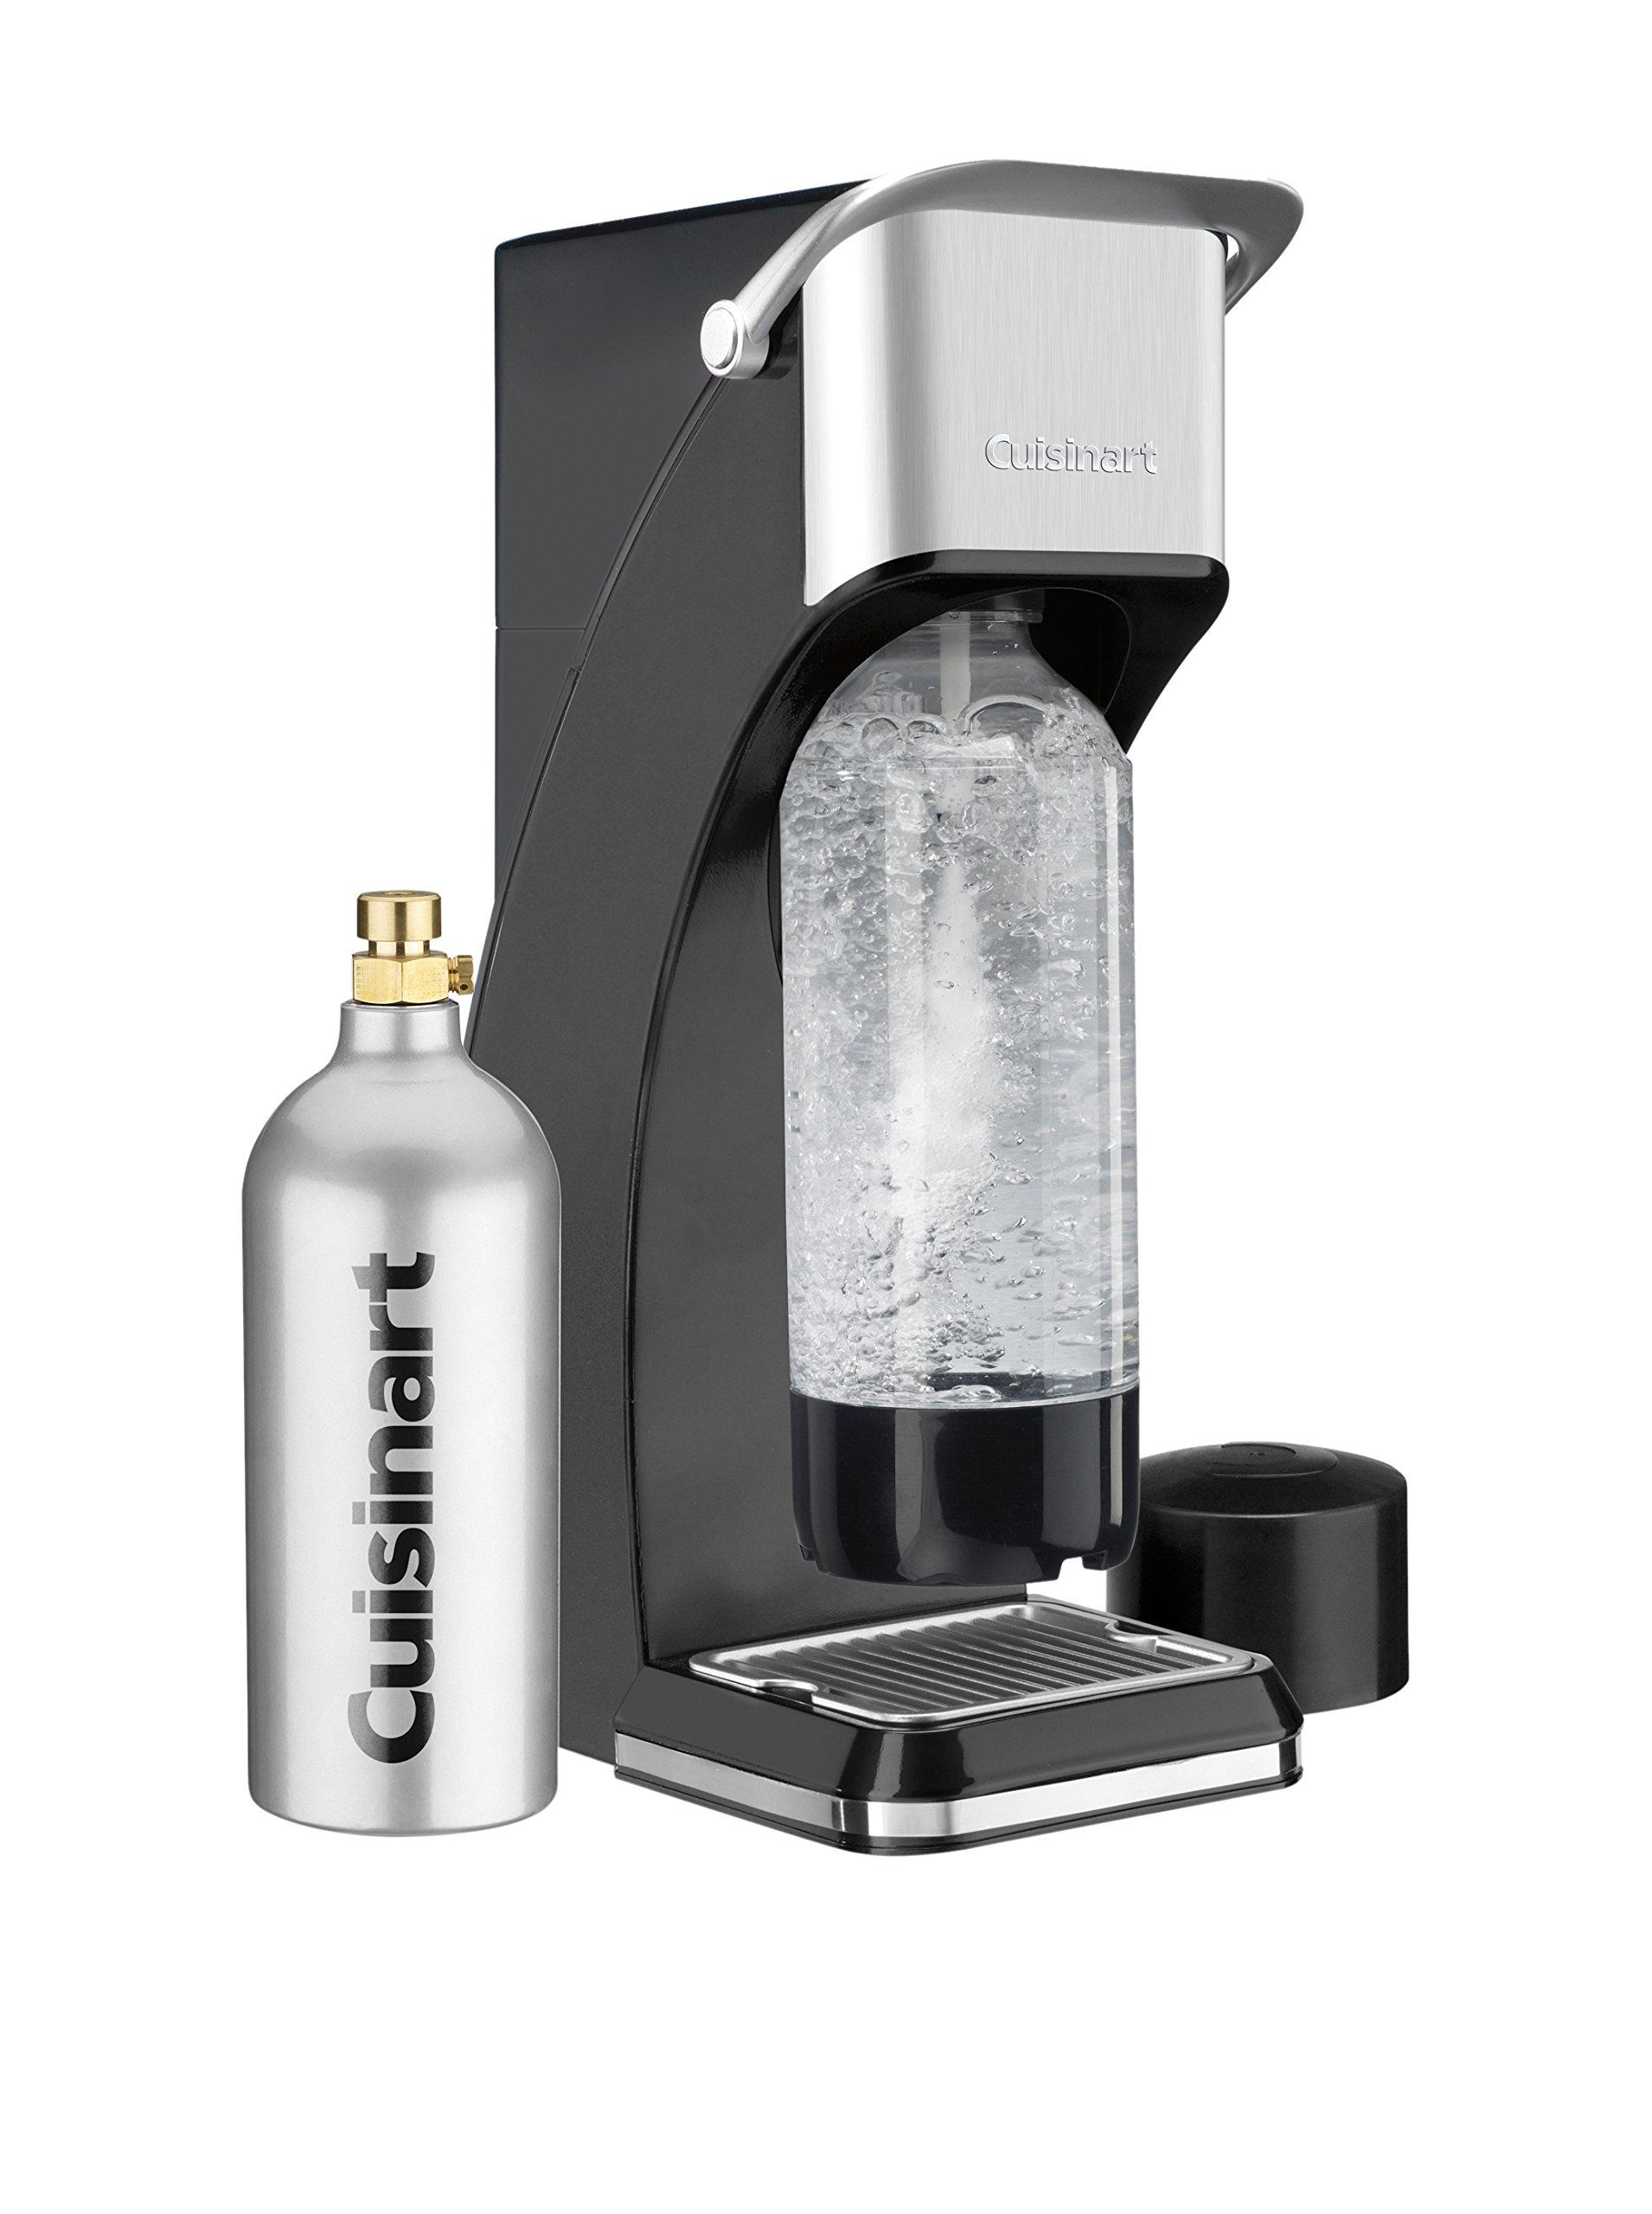 Cuisinart SMS-216BK Sparkling Soda Maker, Black